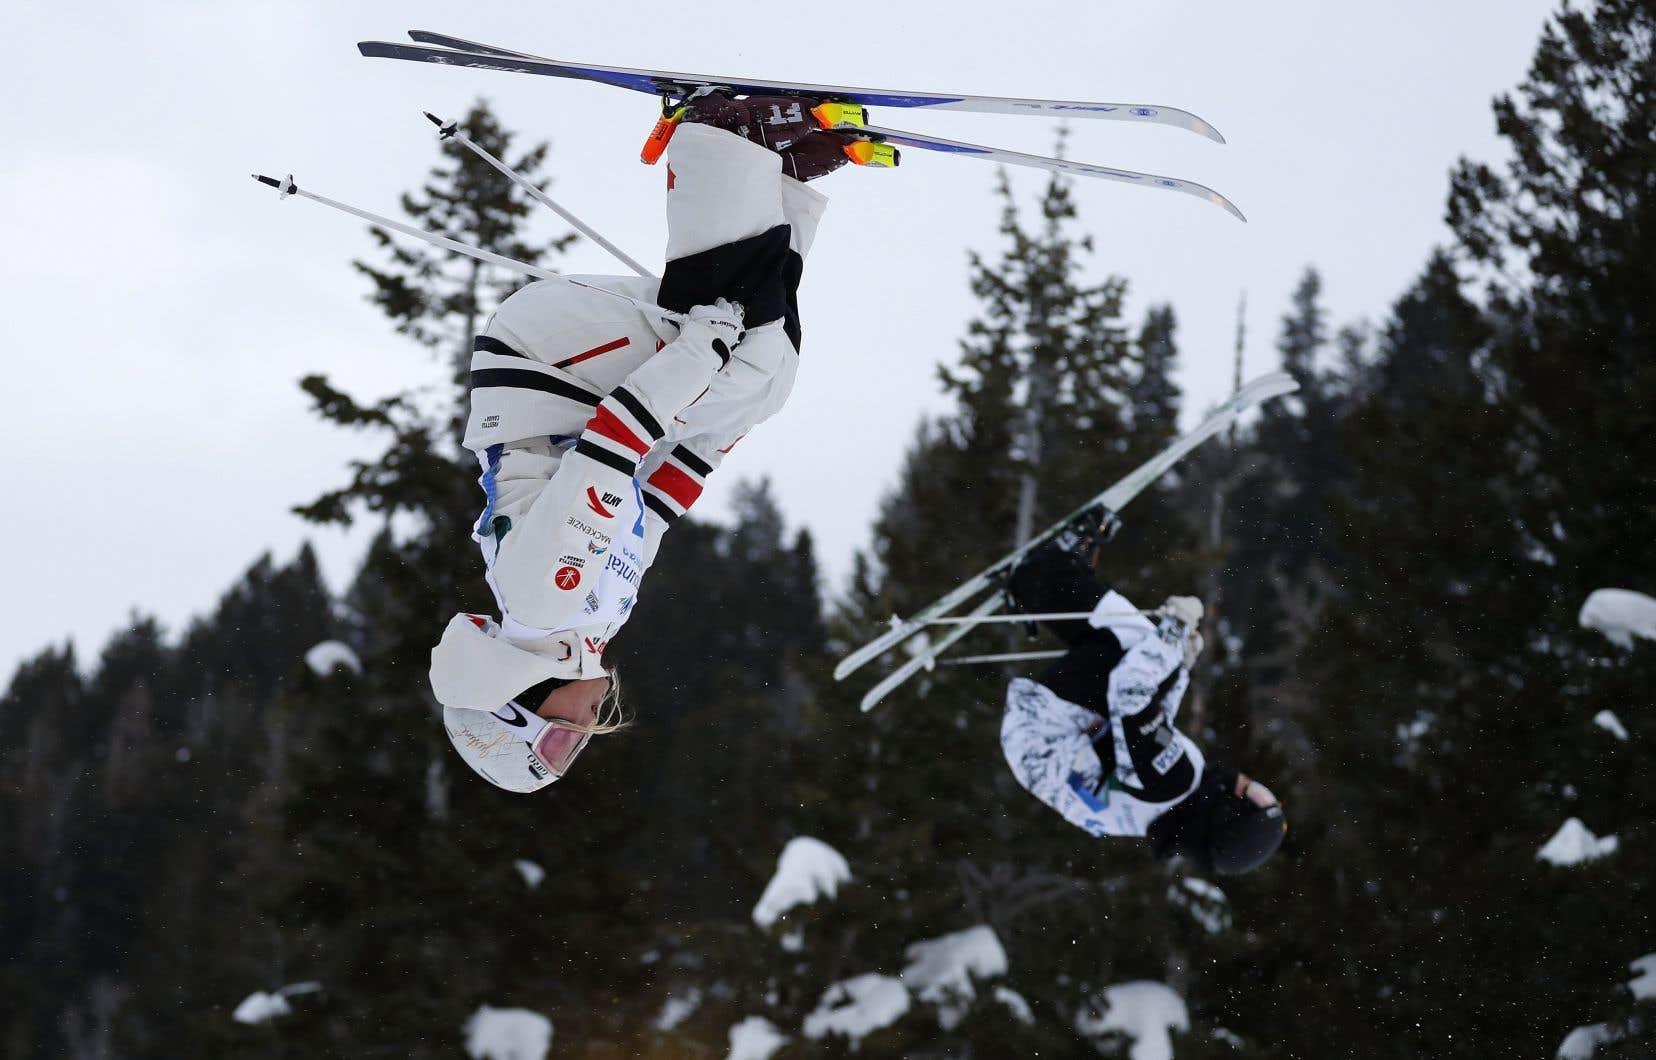 Il s'agissait d'une première victoire cette saison pour Justine Dufour-Lapointe, mais un troisième podium consécutif pour la skieuse de 25ans.